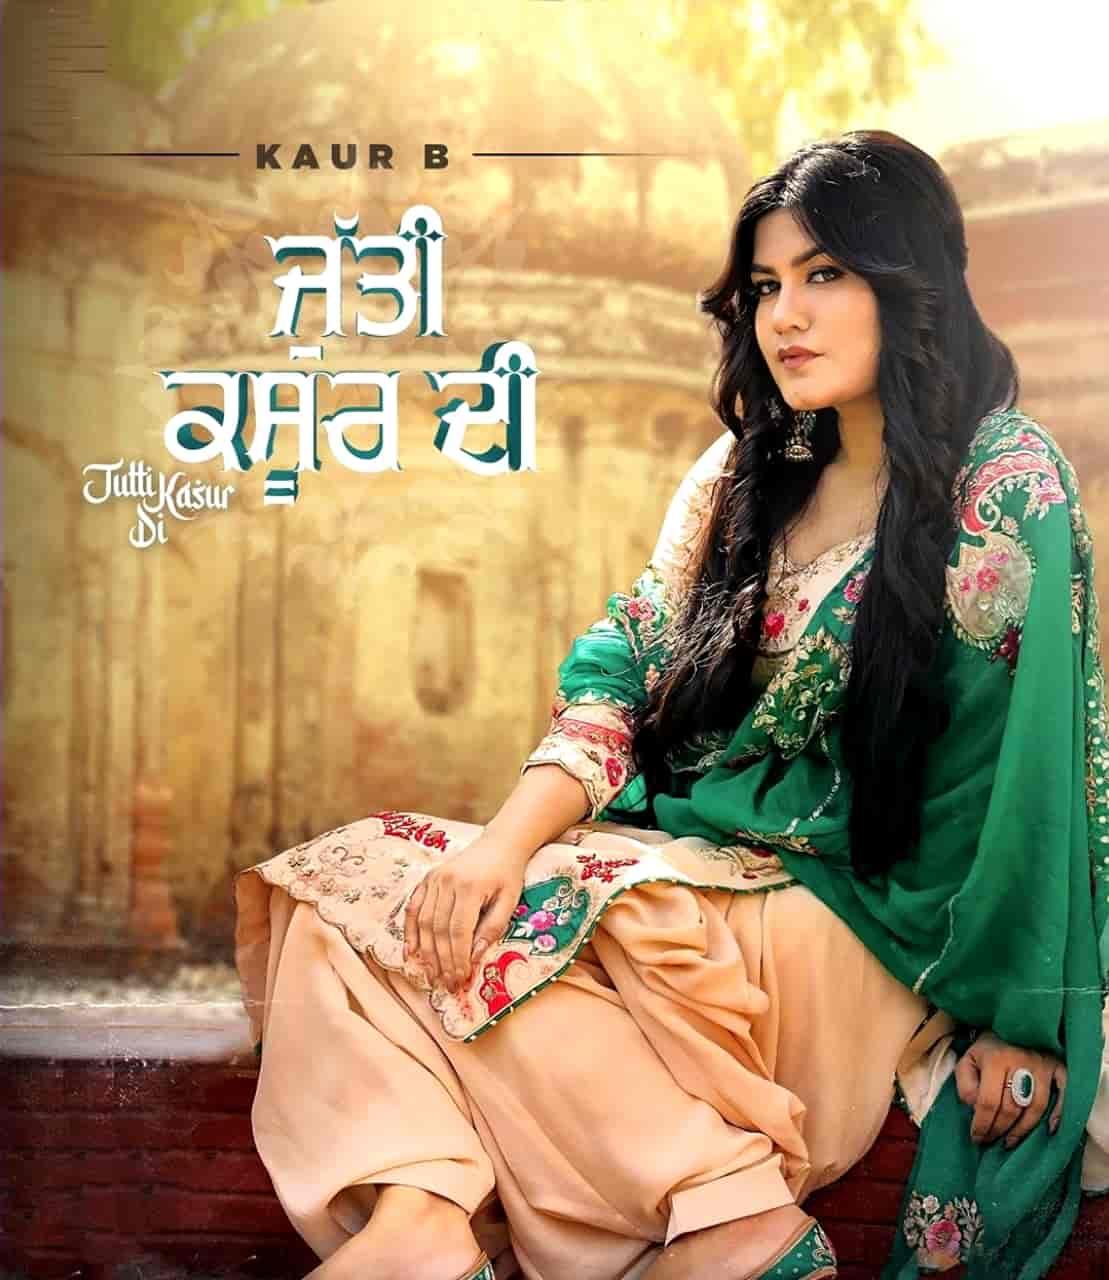 Jutti Kasur Di Punjabi Song Image Features Kur B